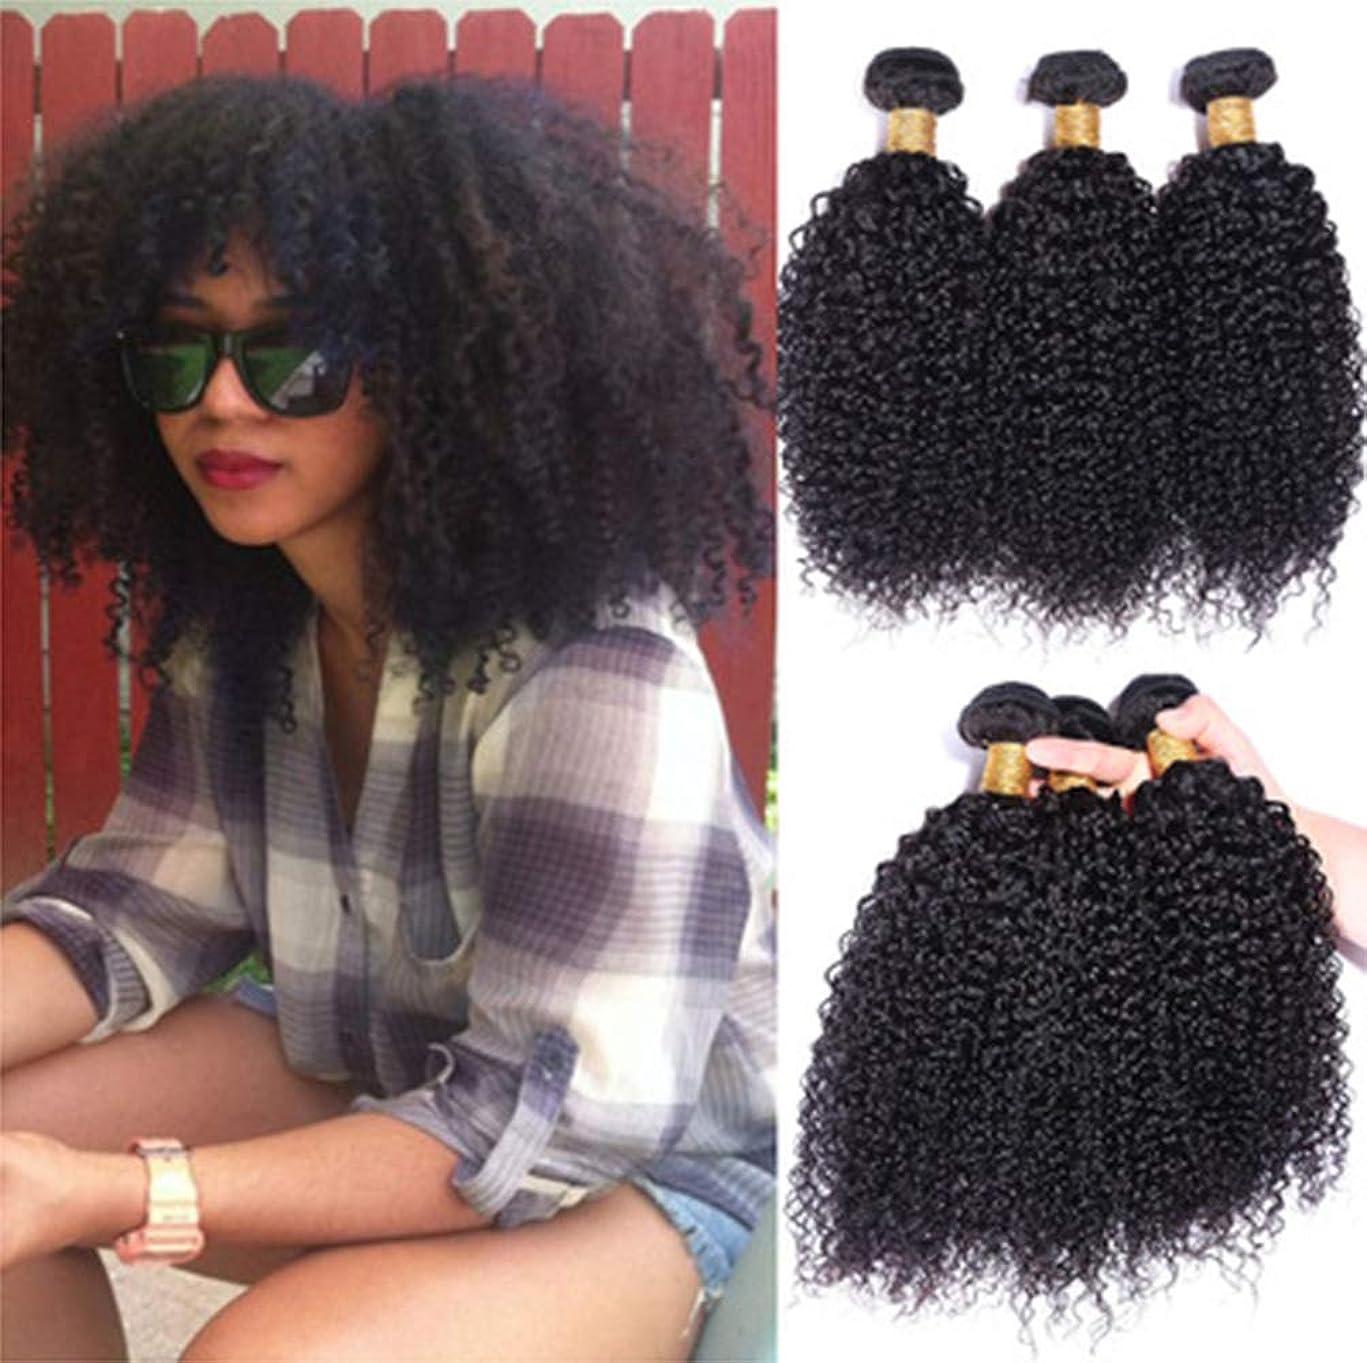 南アメリカ甘やかすセットする女性髪織り150%密度毛ブラジル巻き毛織り1バンドル8aグレードバージンレミー毛延長未処理